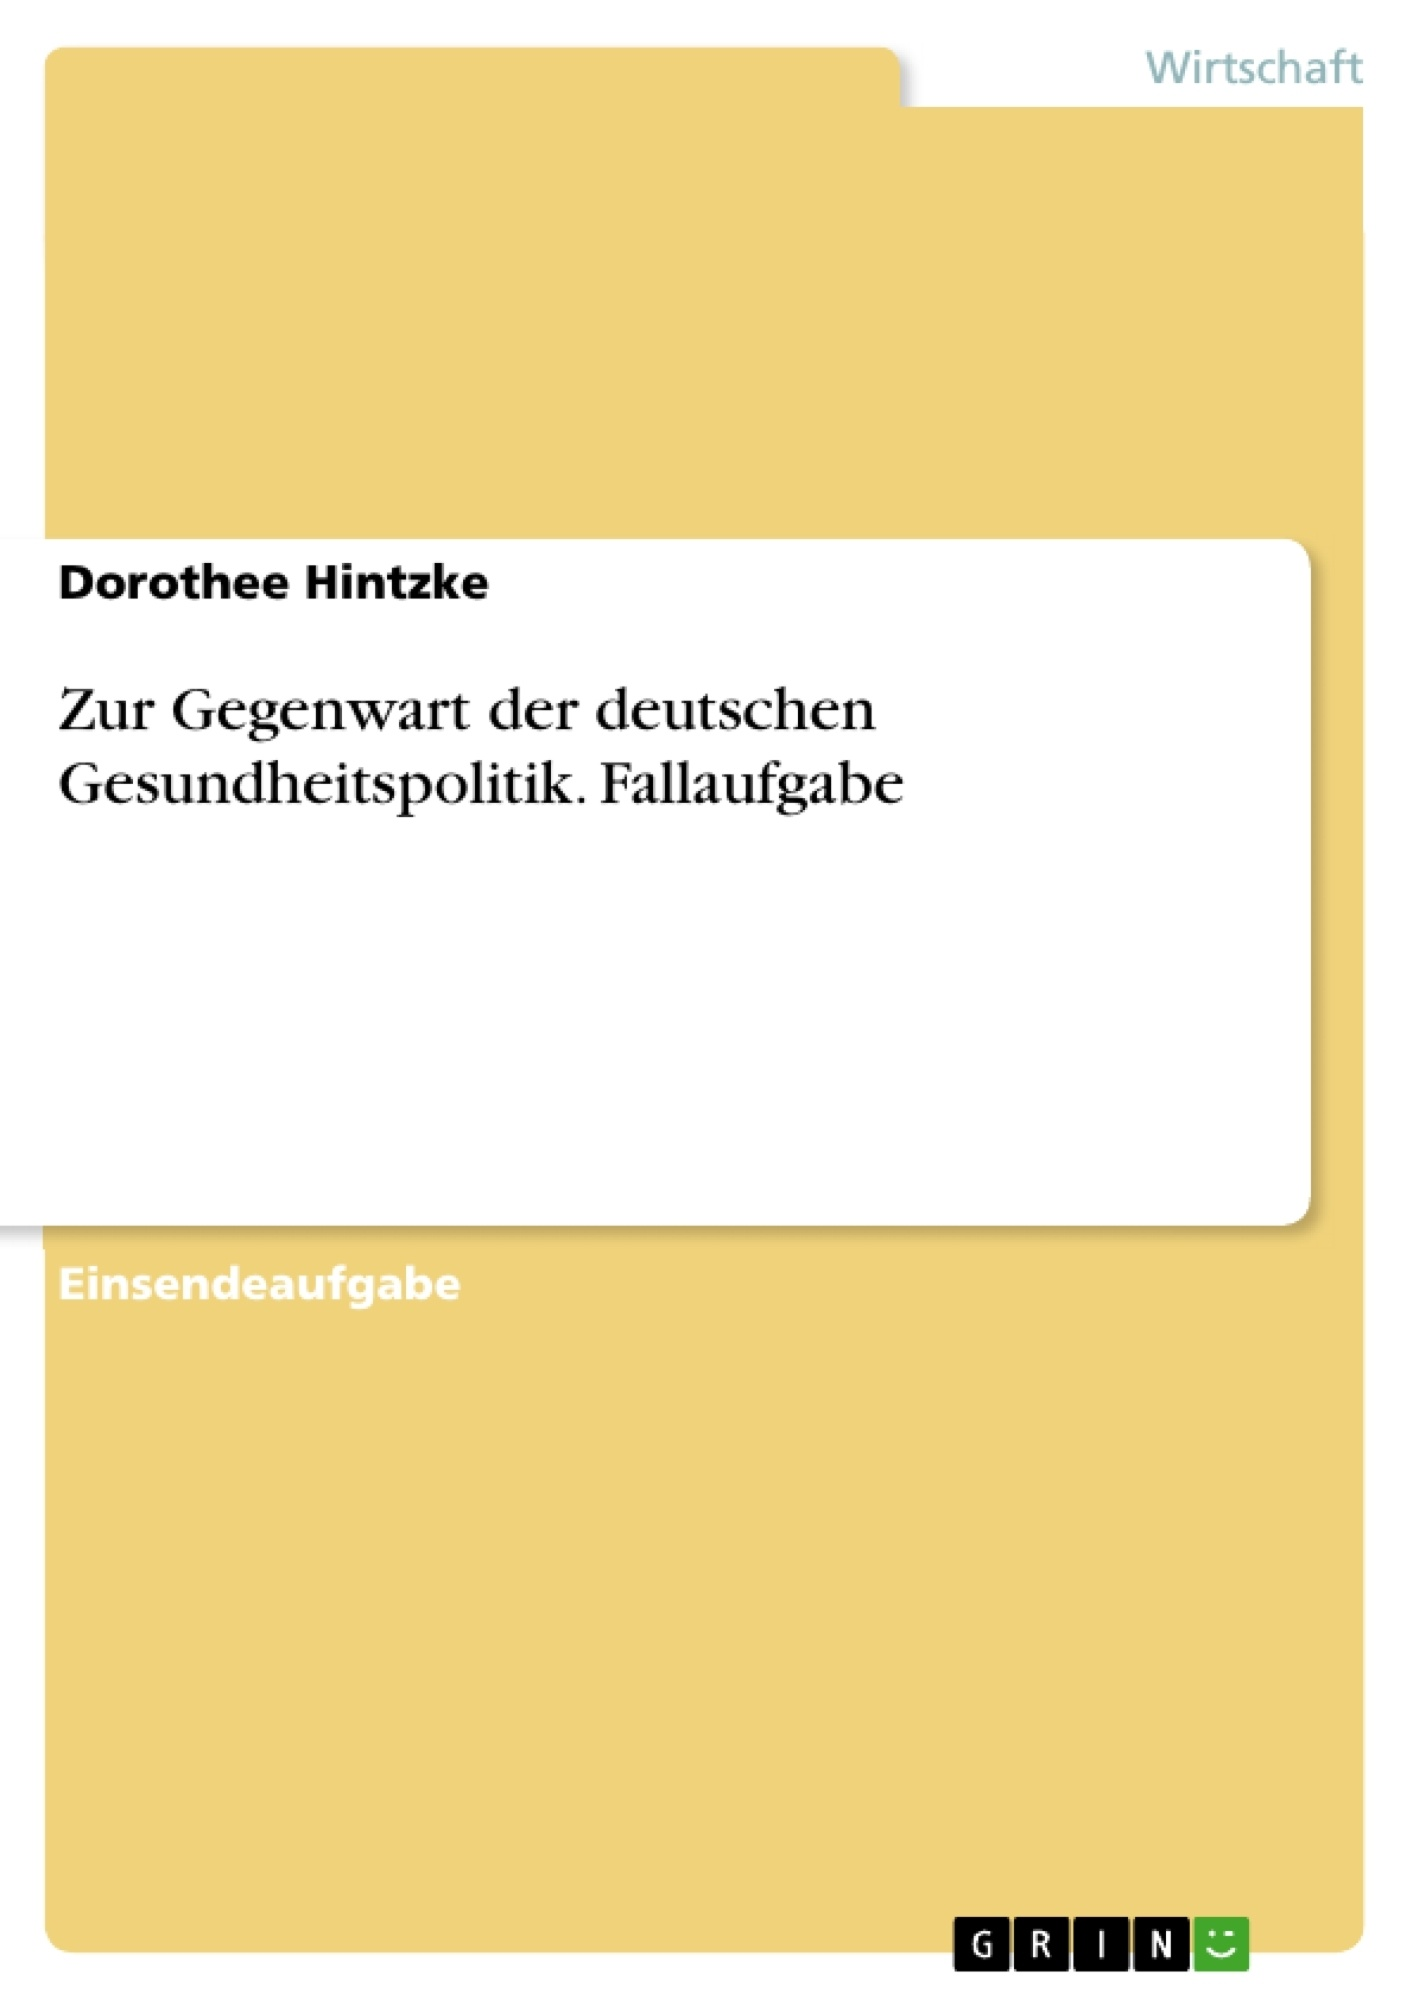 Titel: Zur Gegenwart der deutschen Gesundheitspolitik. Fallaufgabe